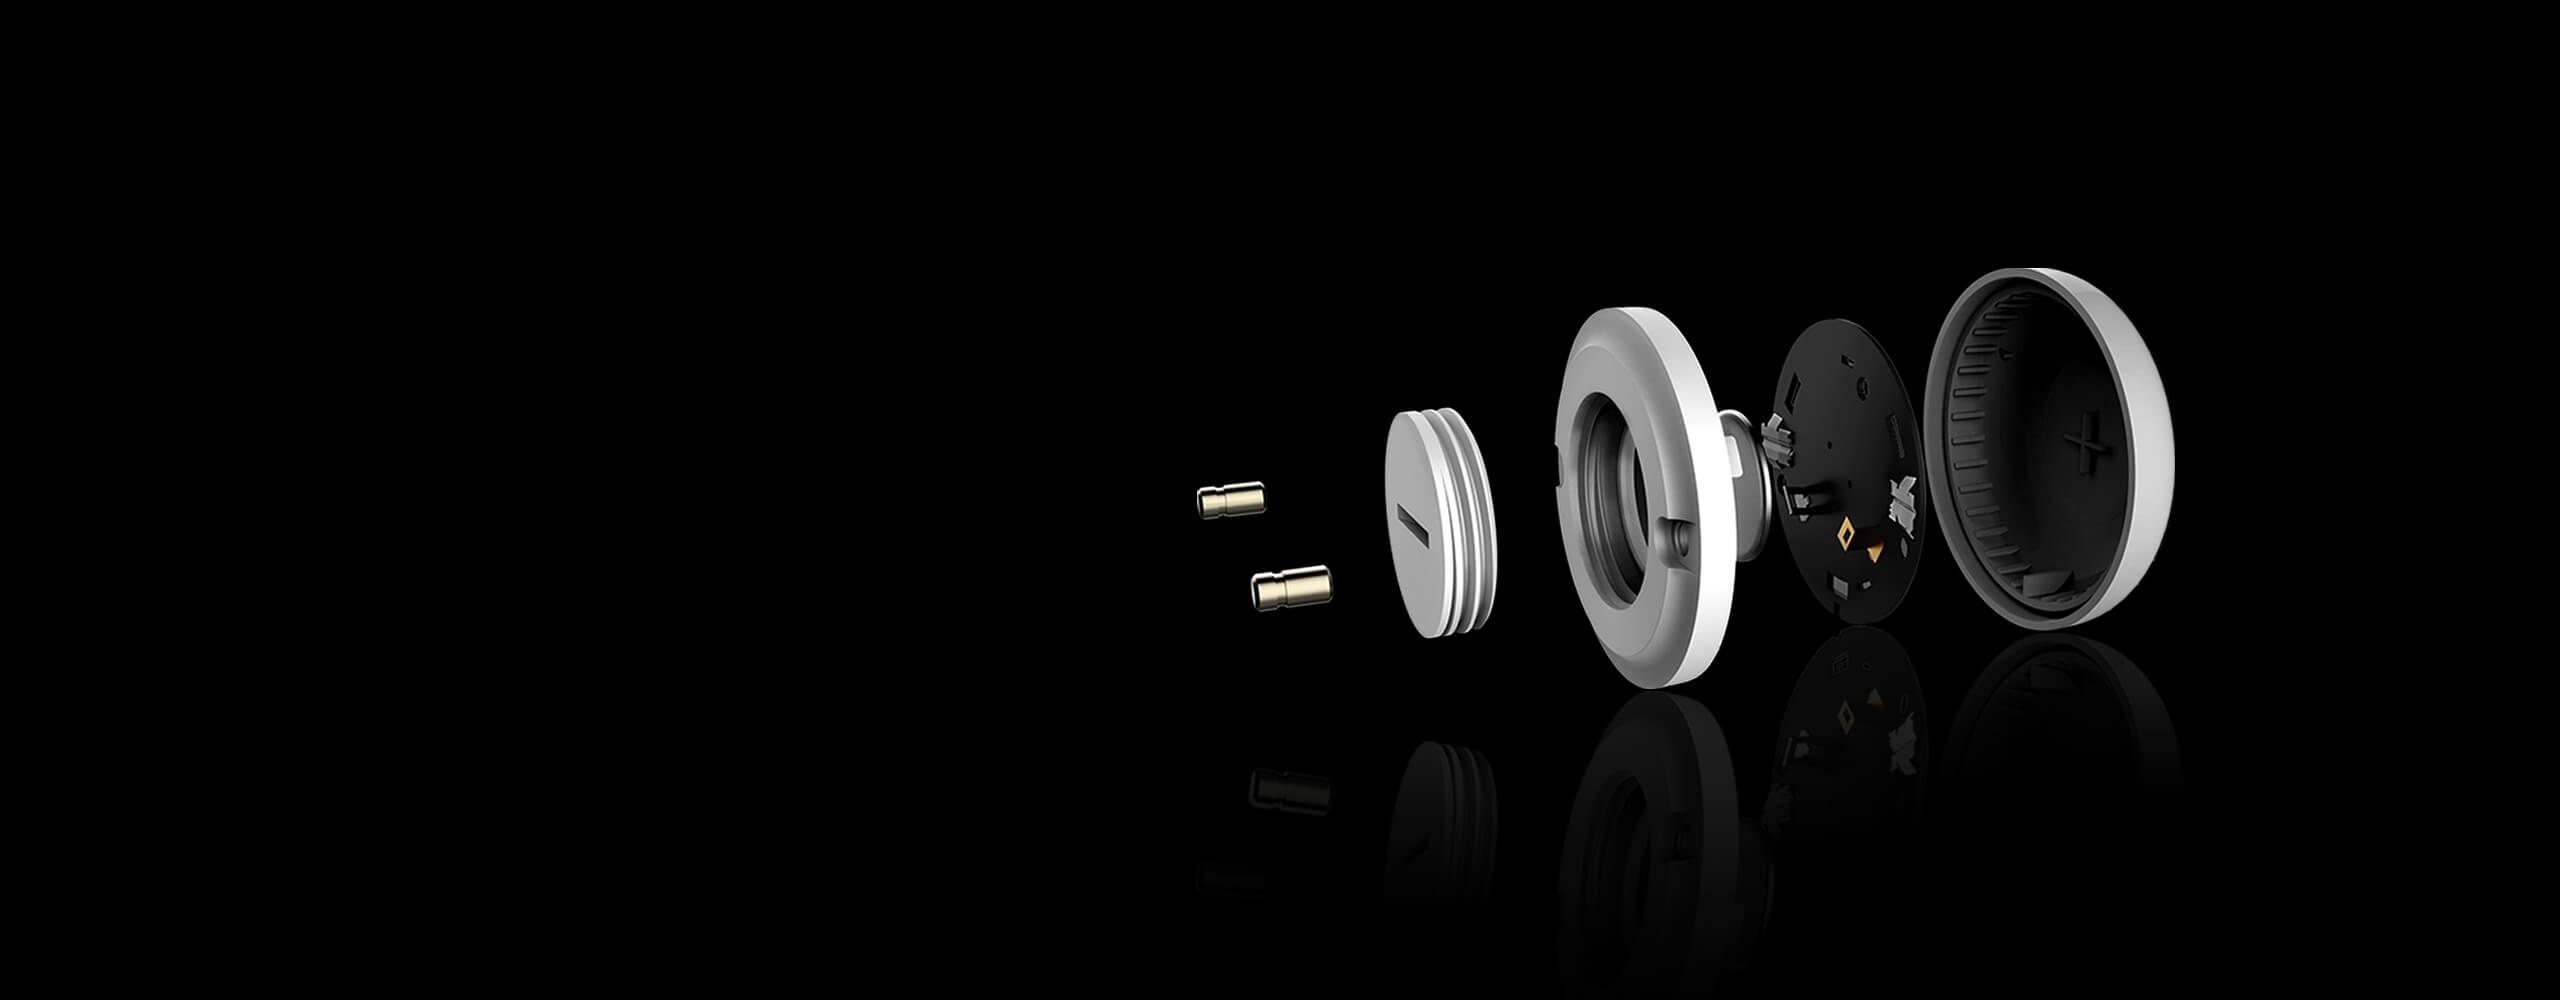 Aqara水浸传感器 - 精工品质